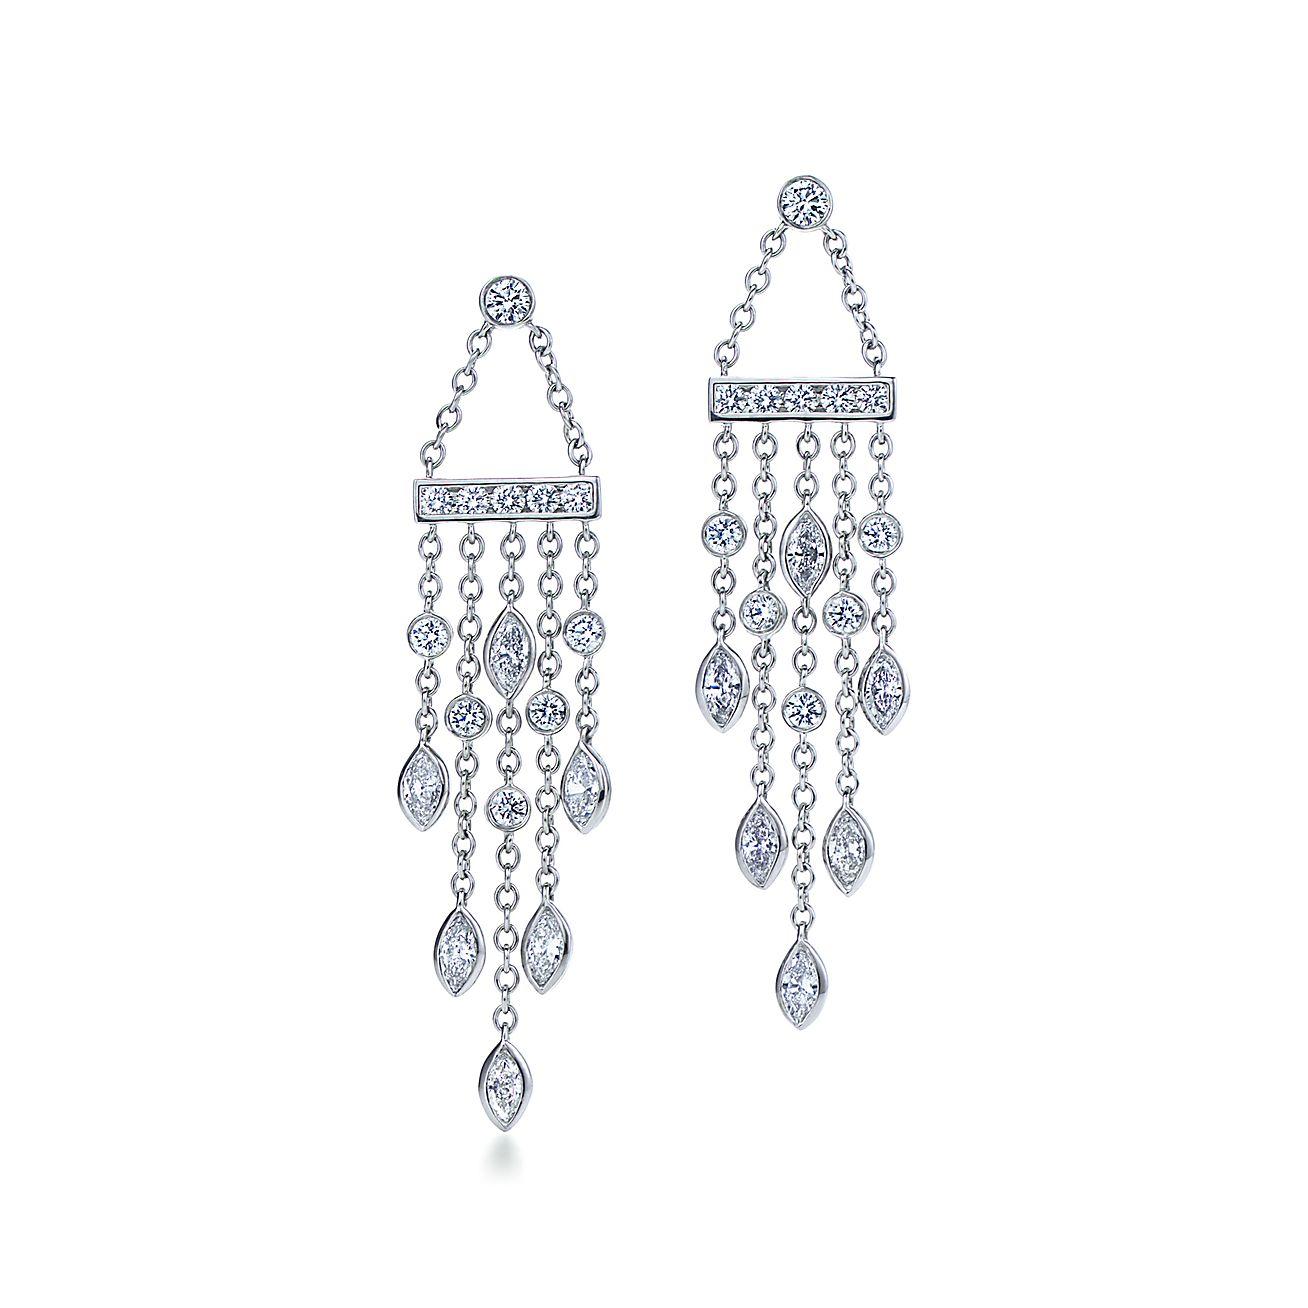 Tiffany Swing drop earrings of diamonds in platinum